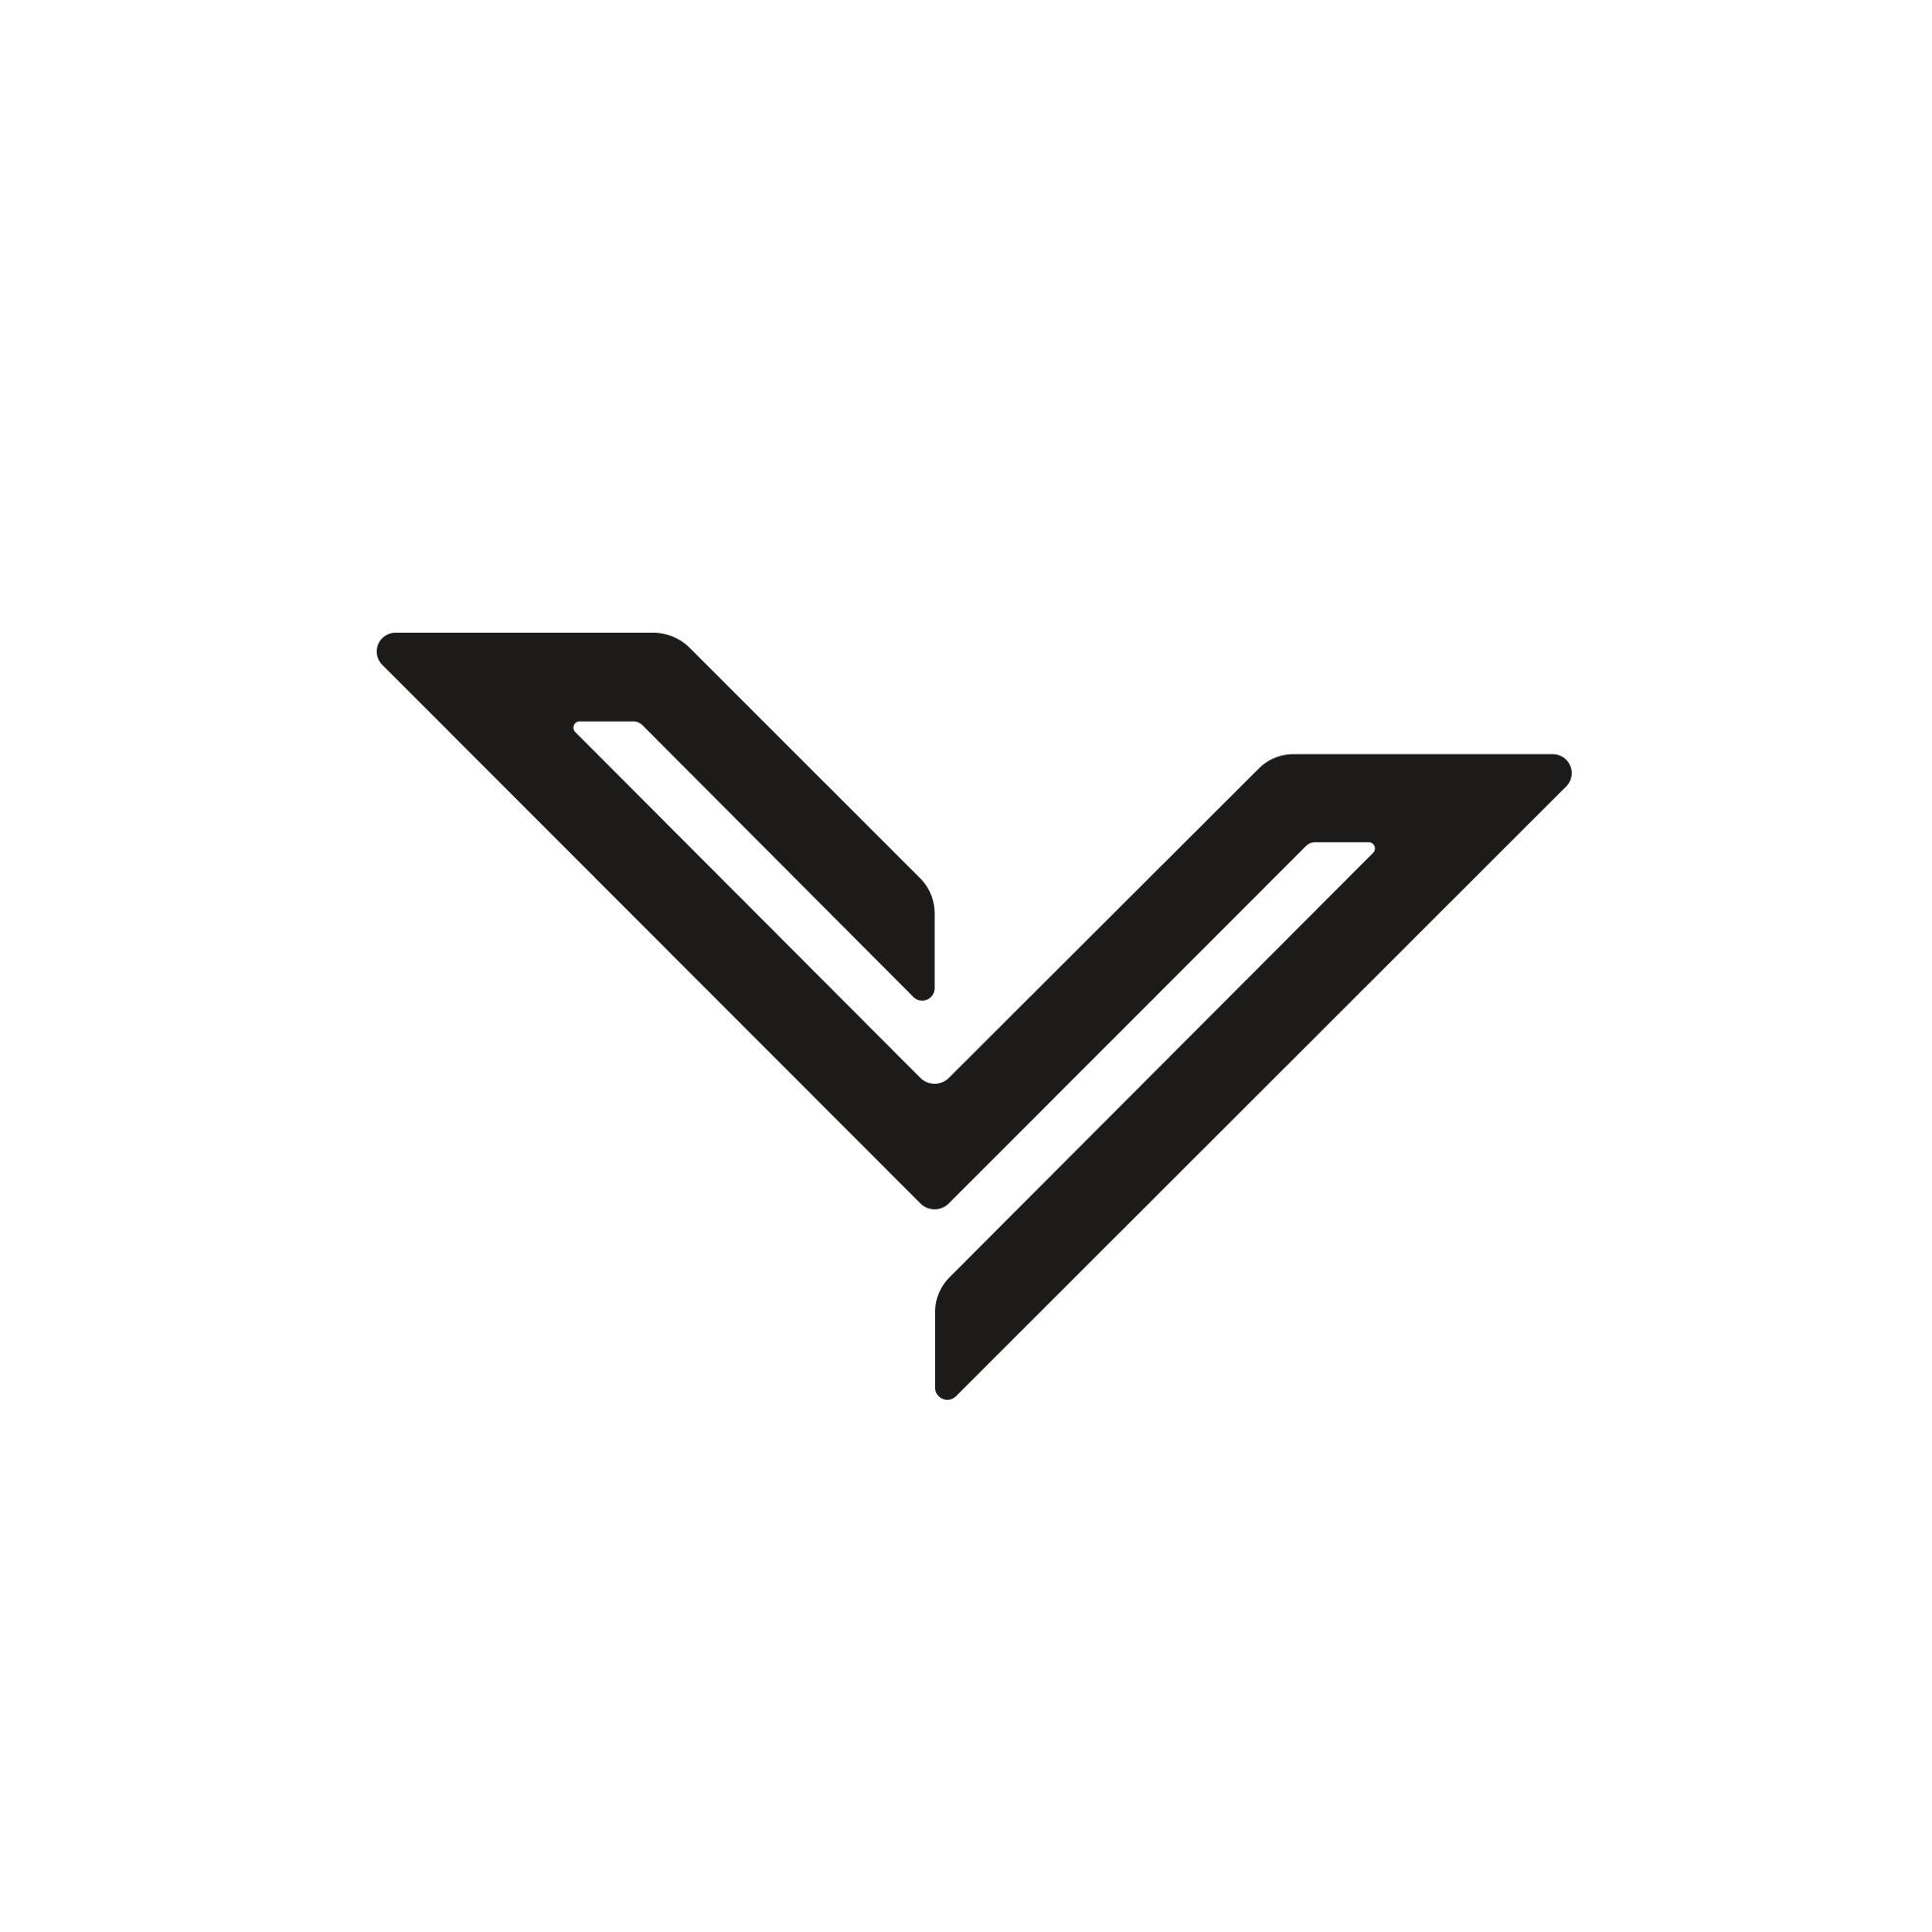 Cdmv Logo Canada In 2021 Letter V Letter Logo Lettering